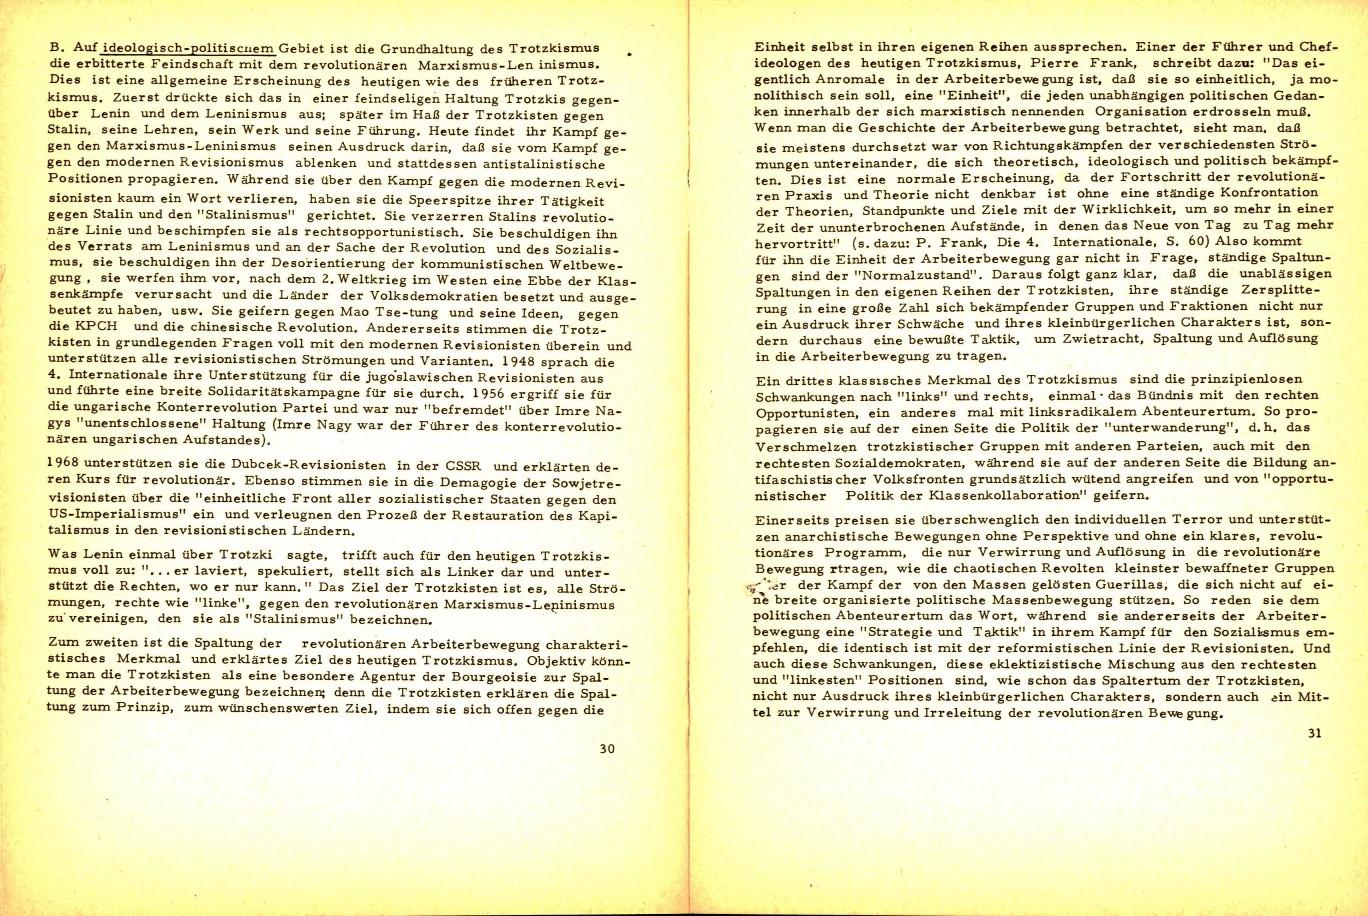 KPDAO_1974_30_Jahre_Befreiung_Albaniens_16